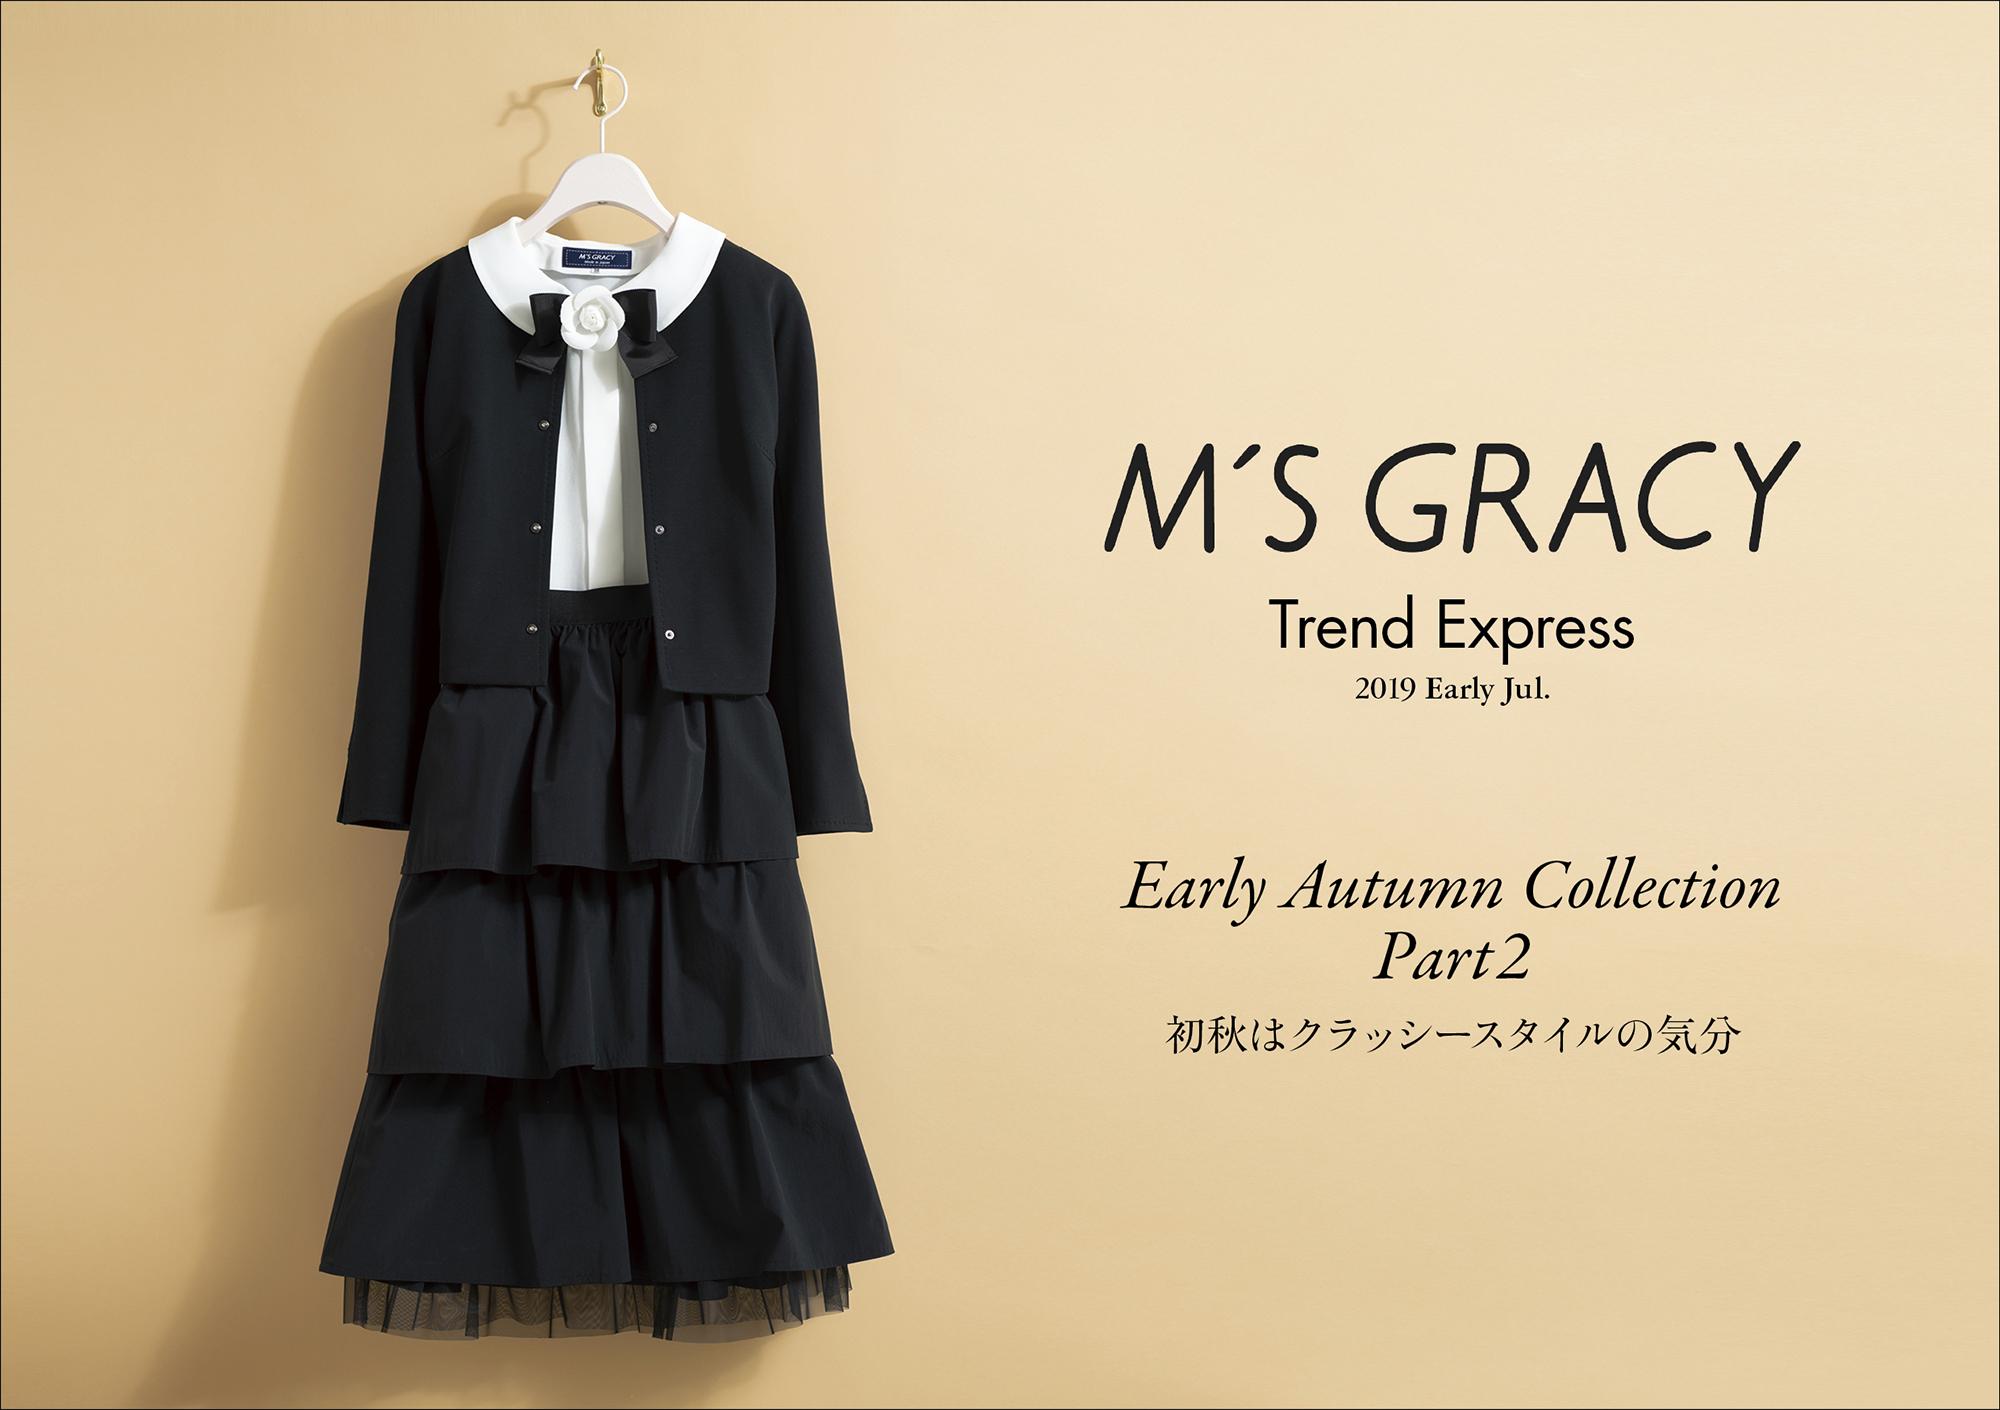 MS_GRACY2019early_jul_1